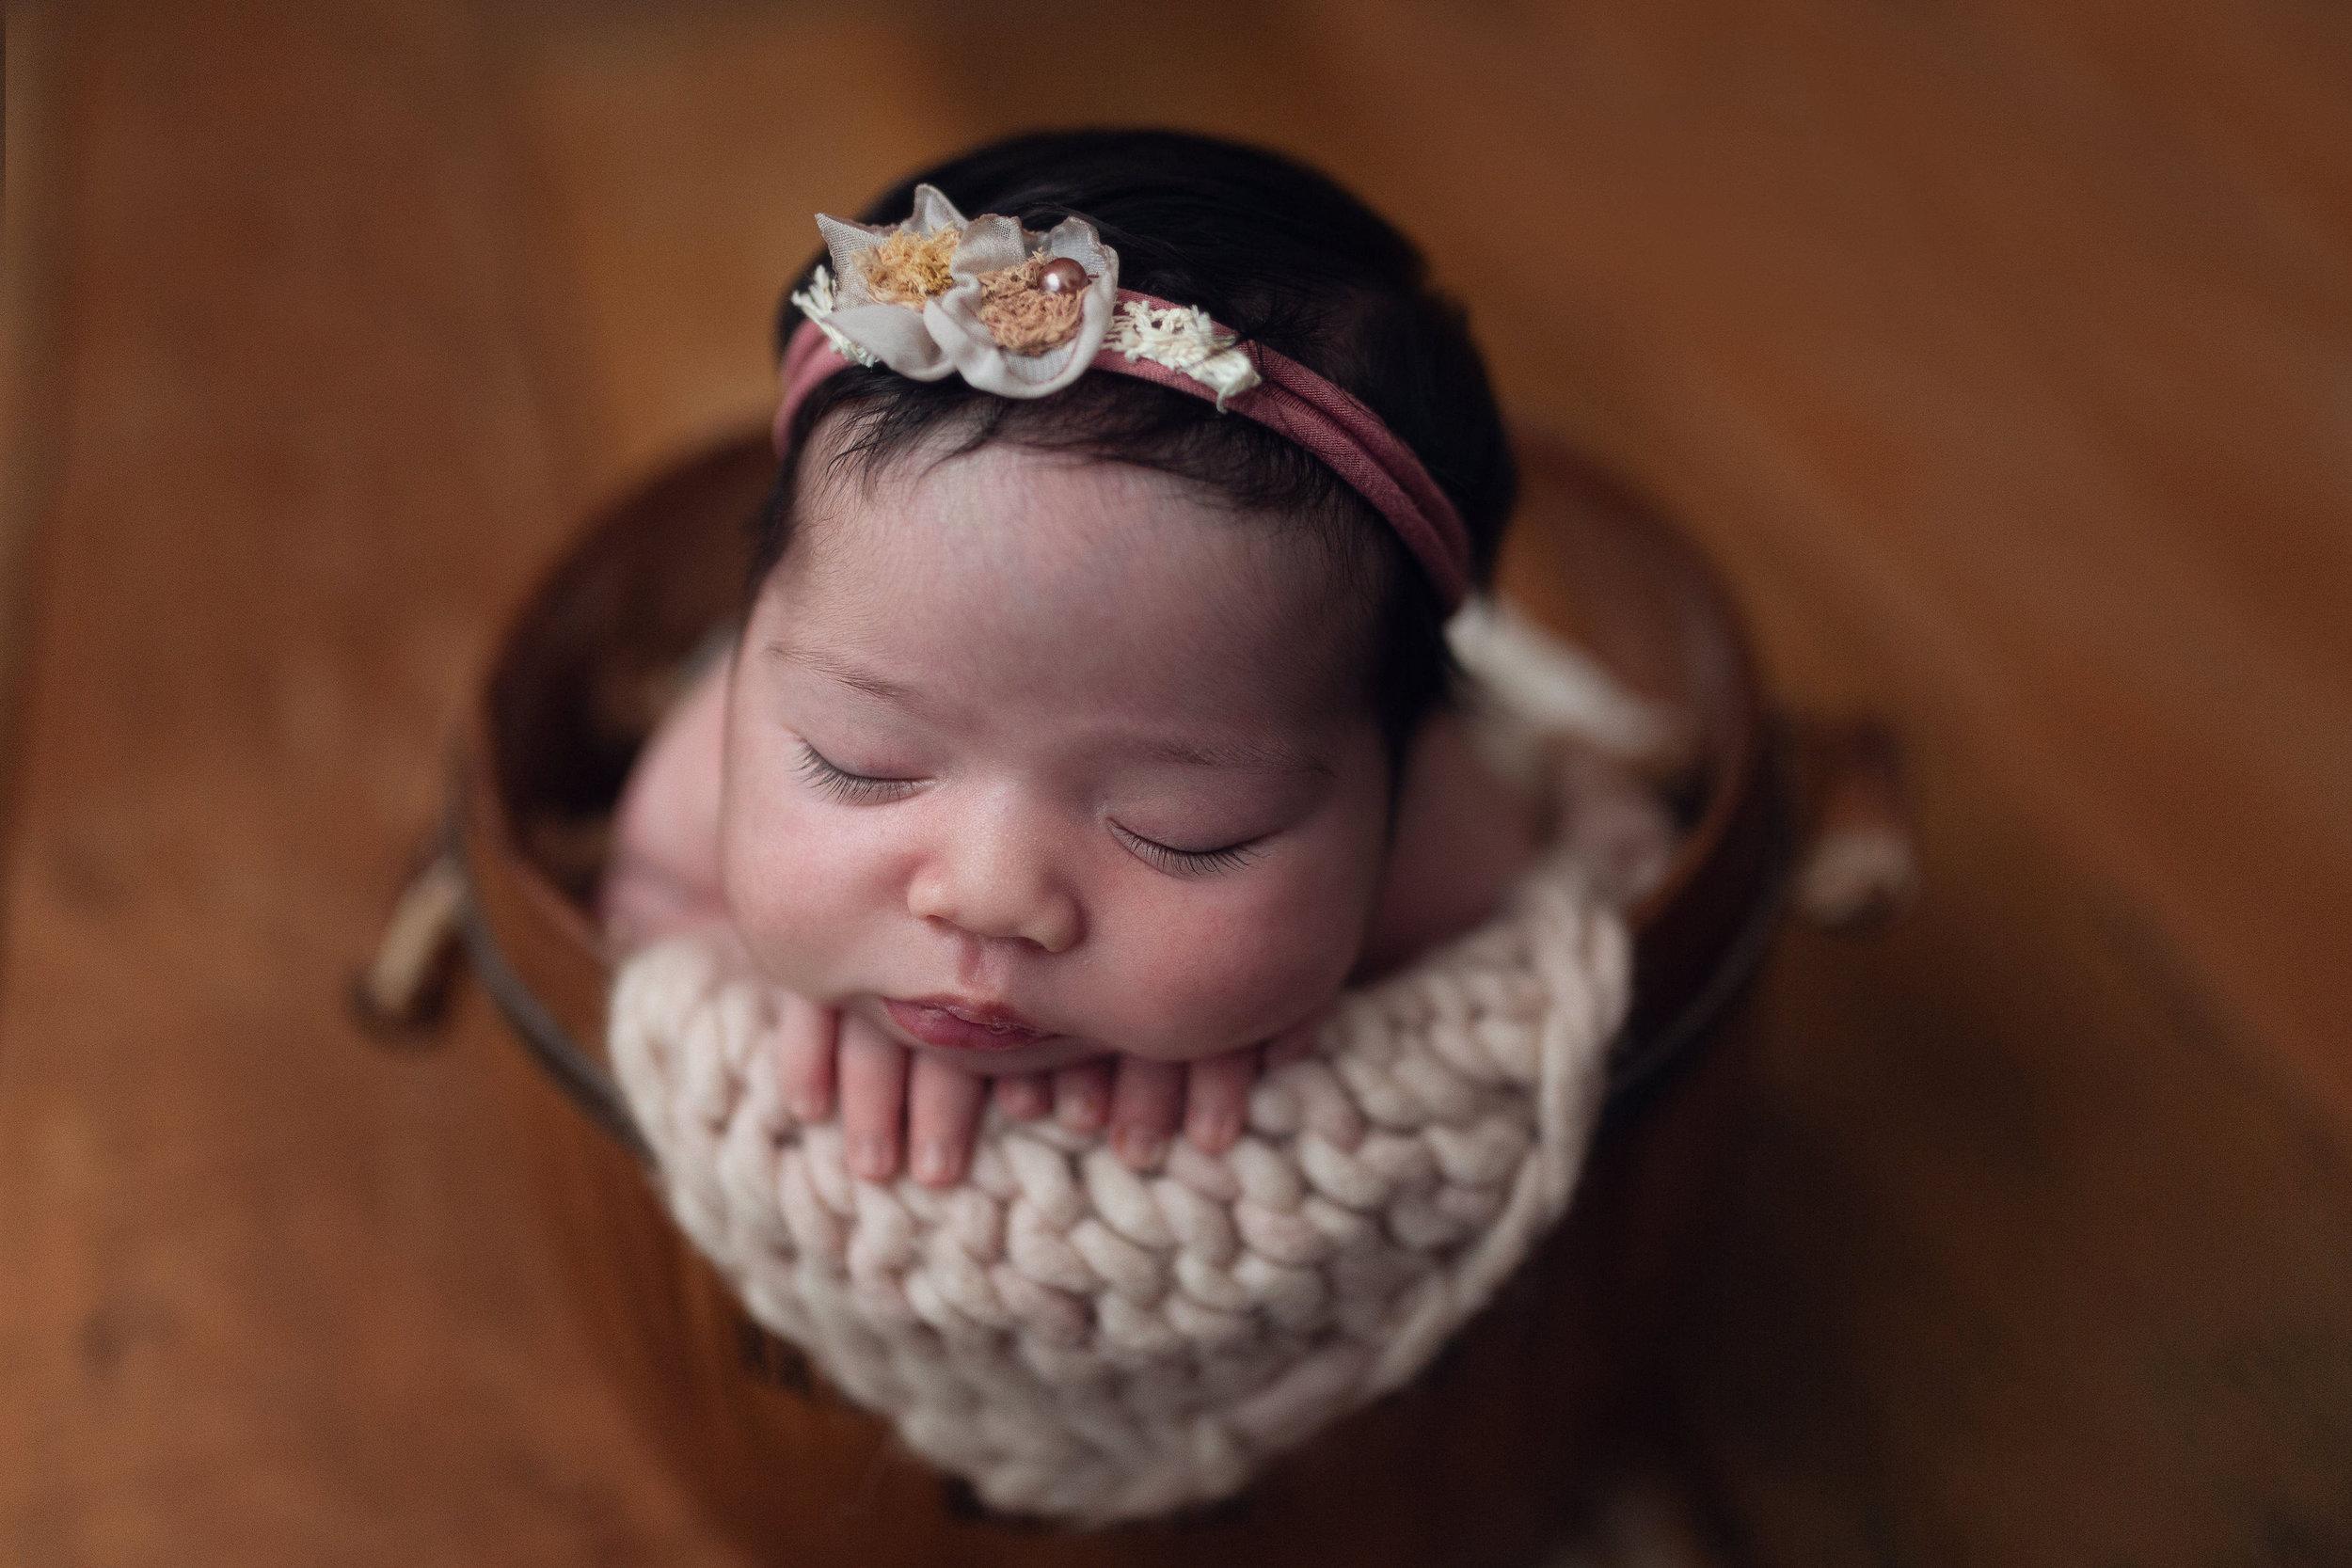 ensaio-newborn-fotografia-rio-de-janeiro-rj-barra-da-tijuca-estudio-em-casa-domicilio-perinatal-laranjeiras-zona-sul-sao-paulo-sp-rogerio-leandro-dr-workshop-mentoria-vip-melhor-19.jpg